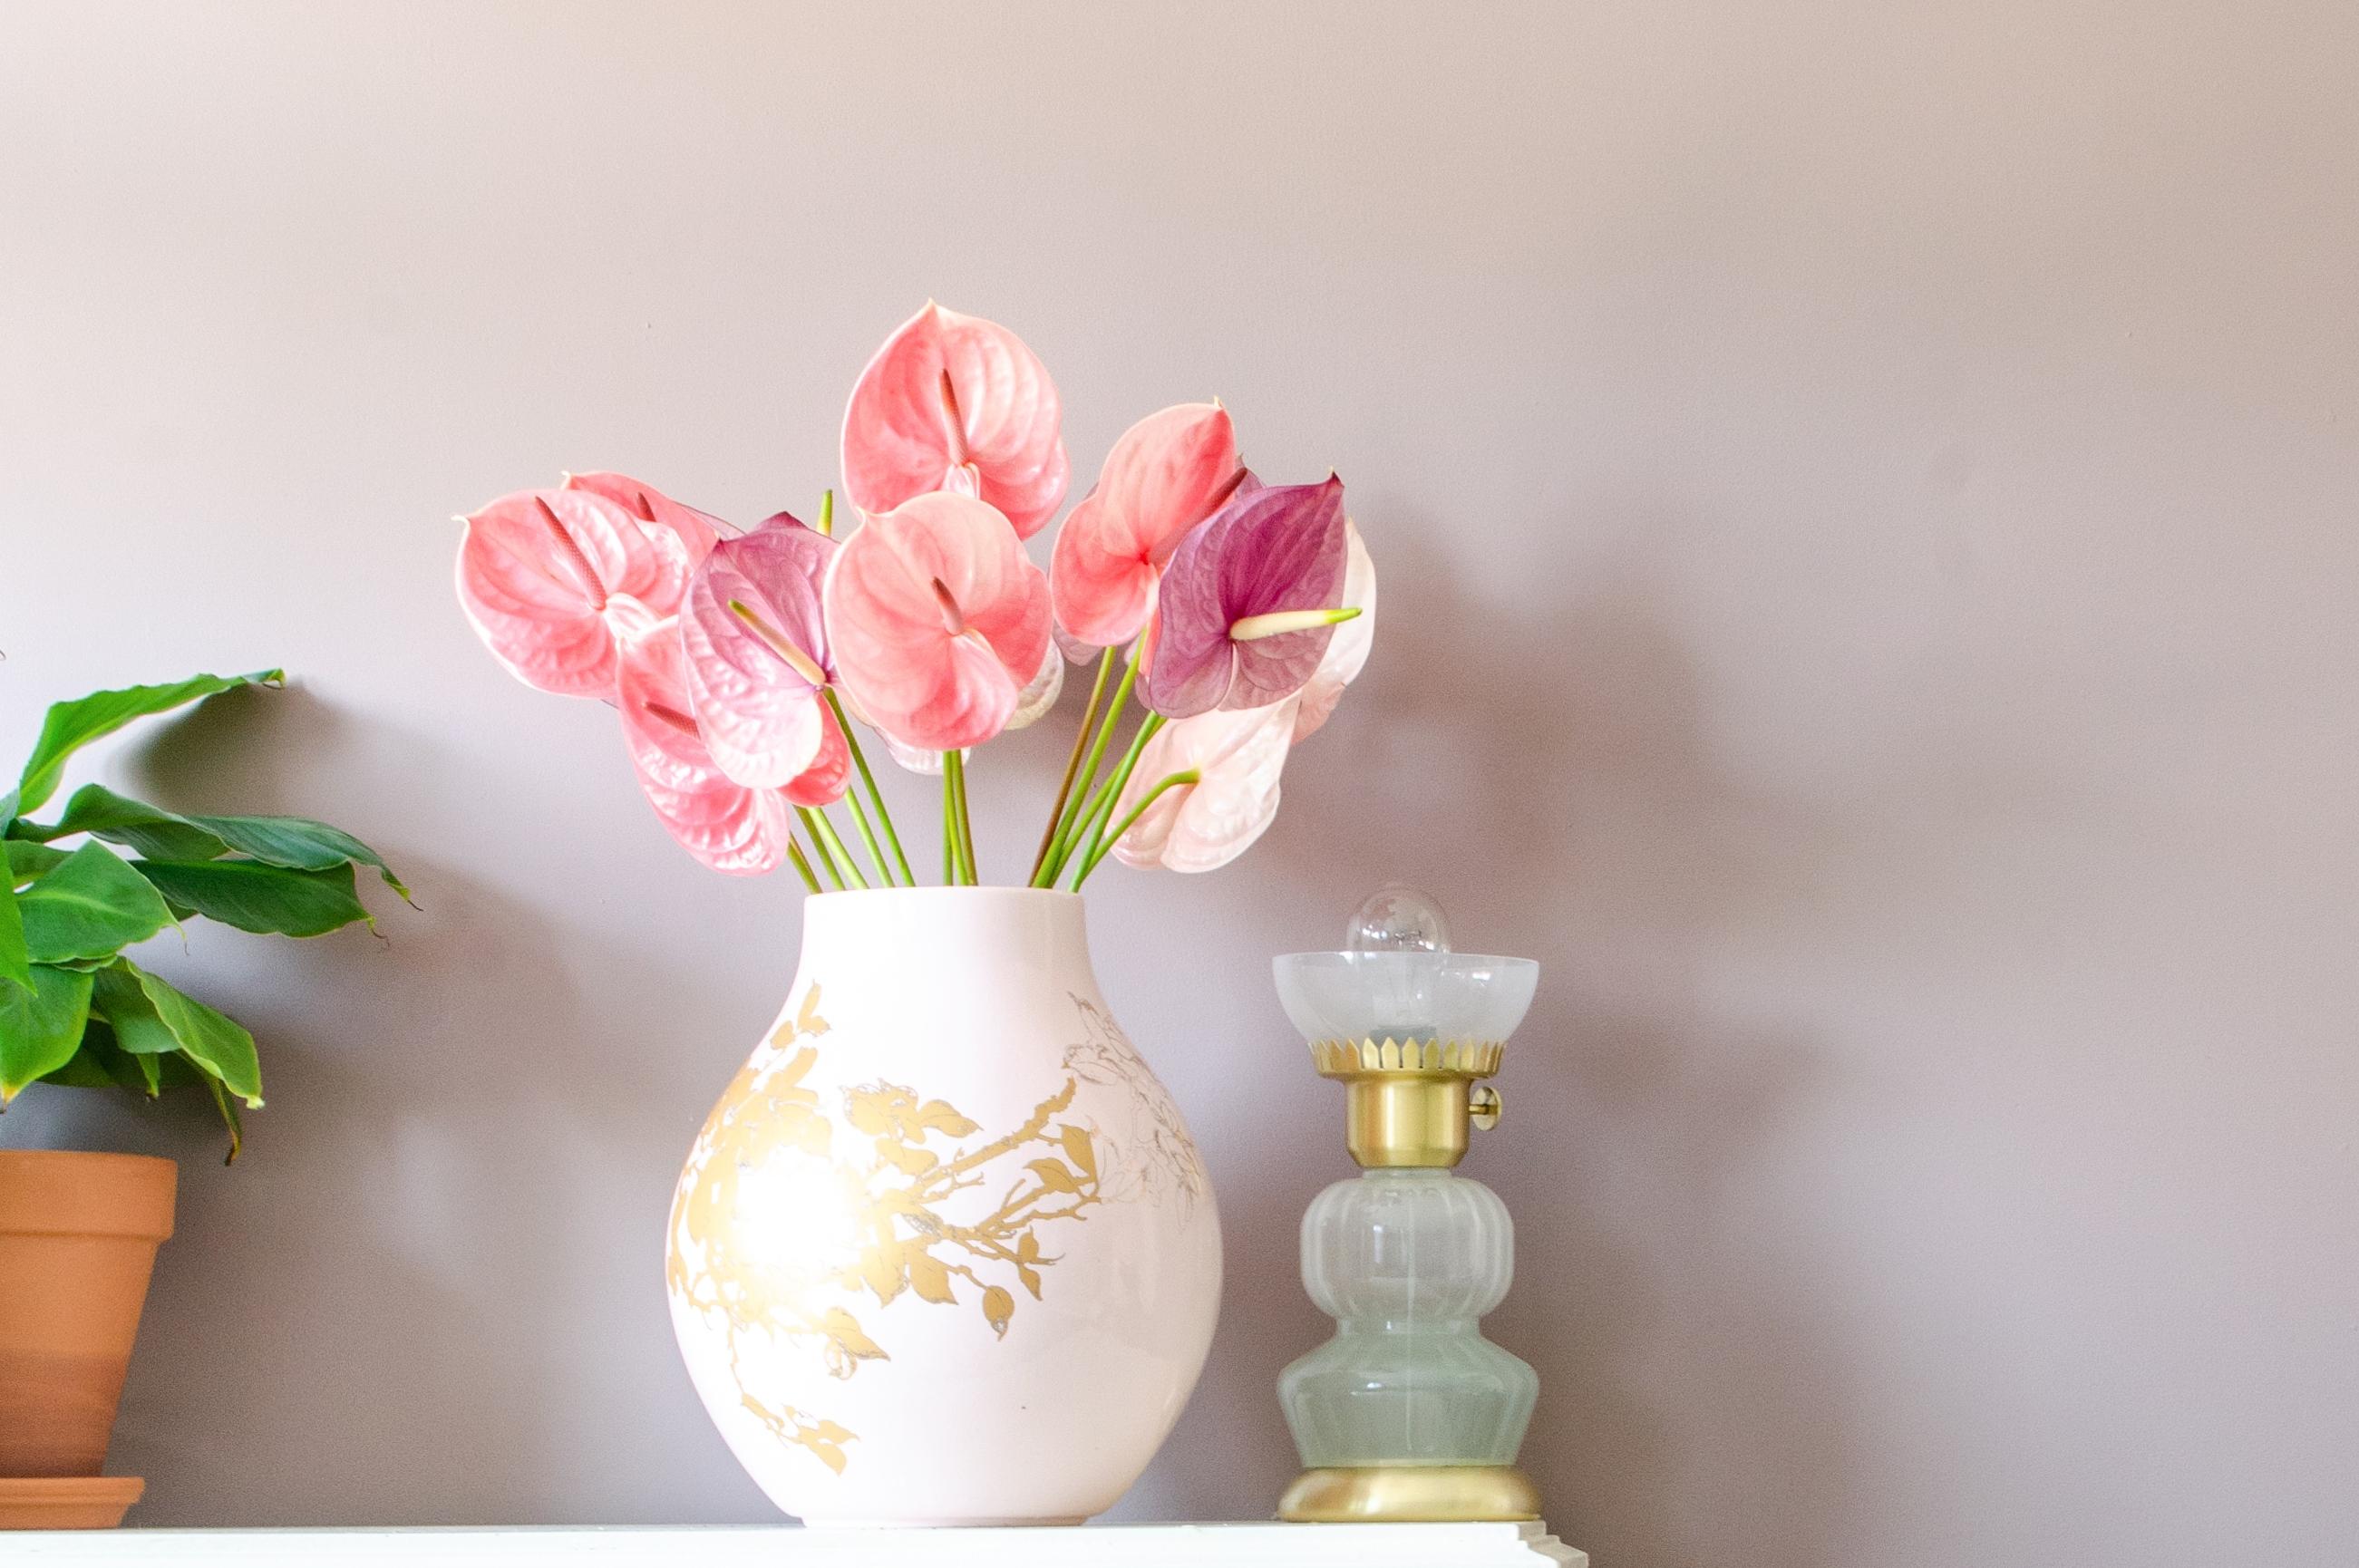 Anthurien begeistern in der Vase auch in zarten Pastelltönen